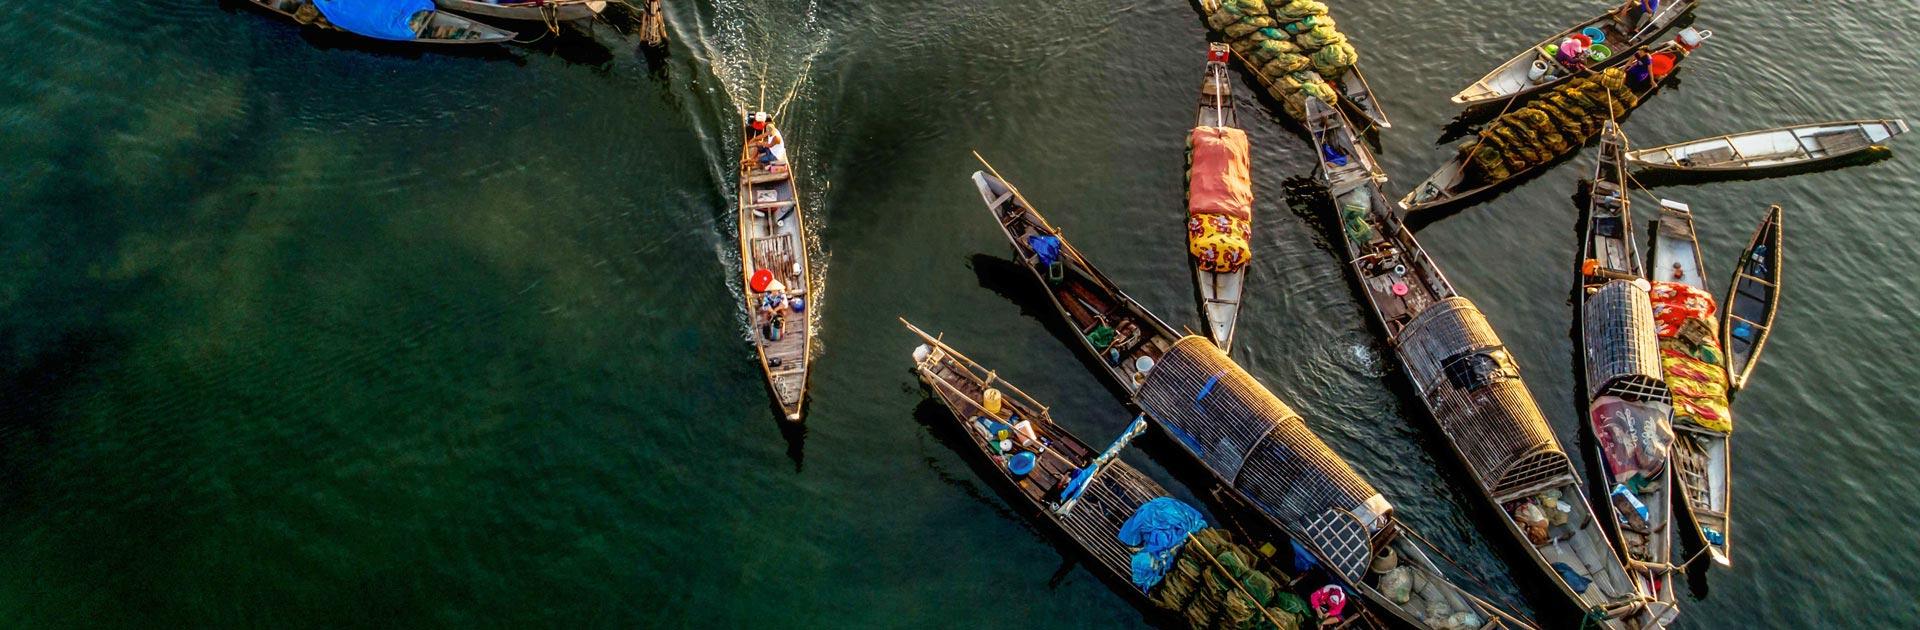 KHVN Vietnam y Camboya por el Mekong 17 día 1